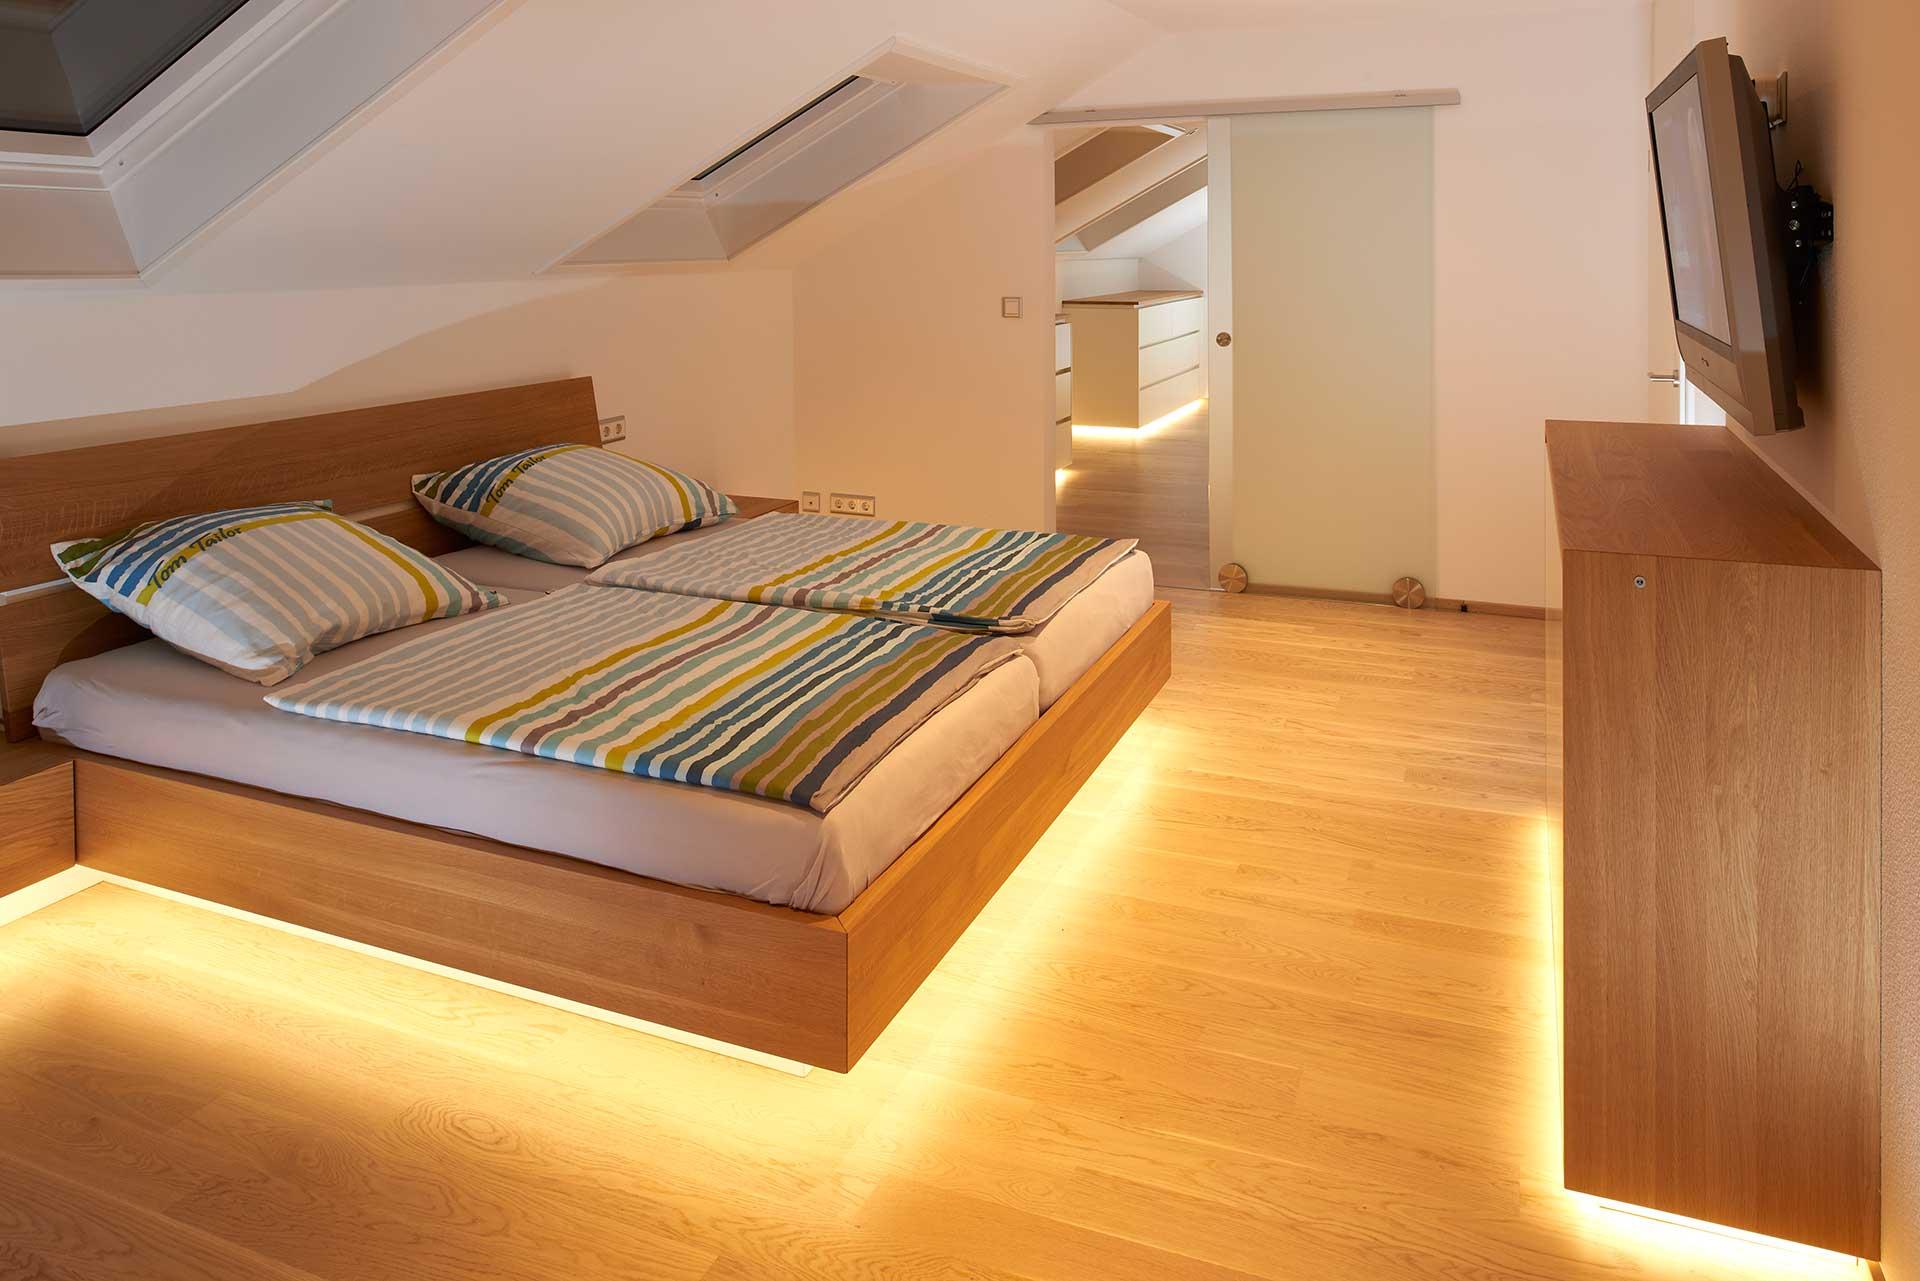 Schlafzimmer 2 - Möbel Bühler - Schorndorf